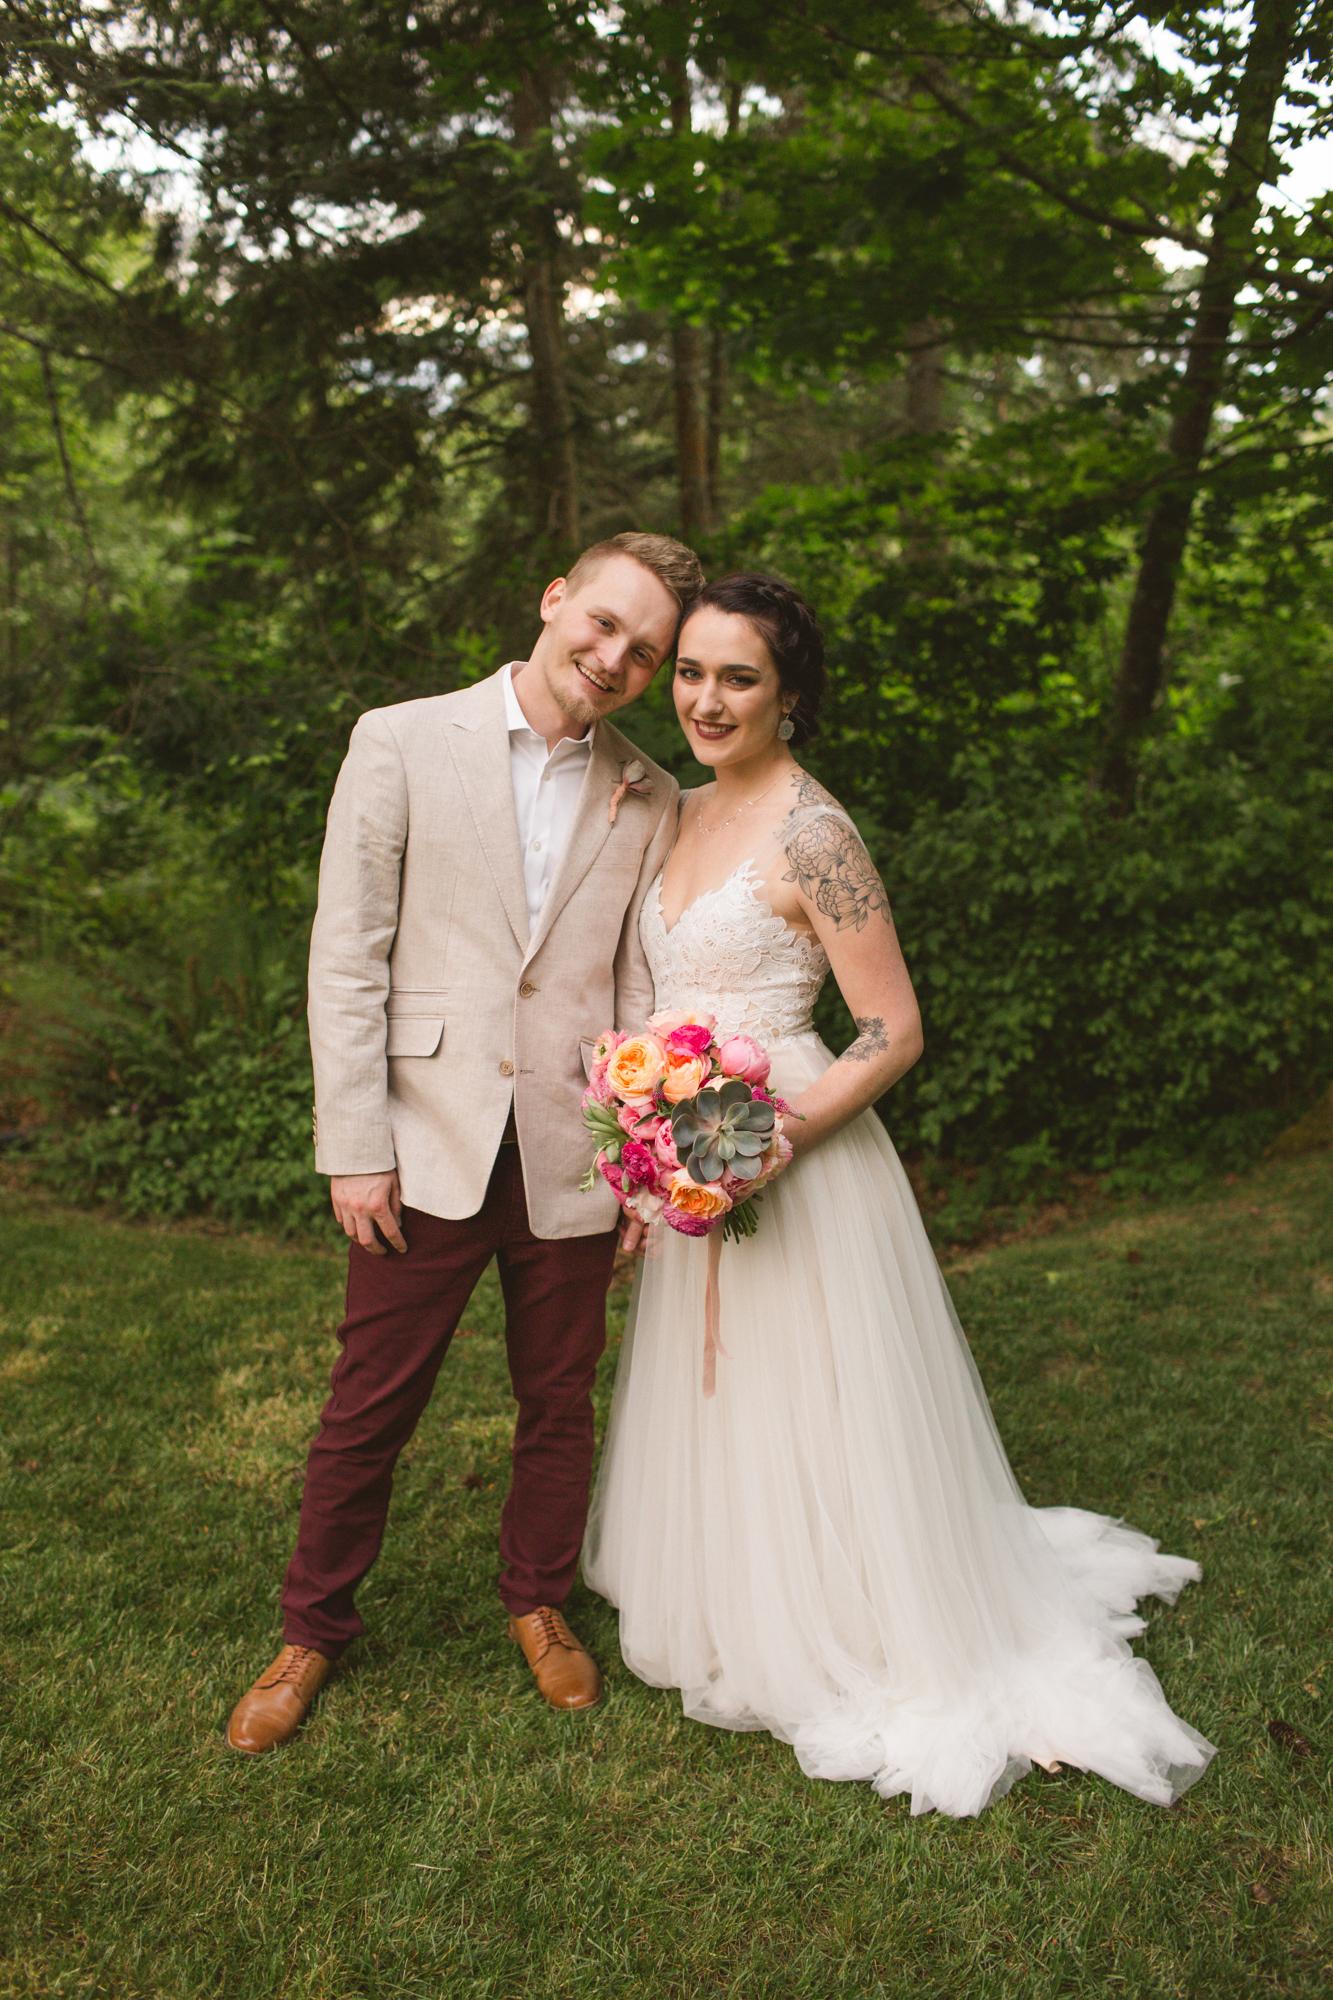 Jenna & Kyler's Elopement-63.jpg